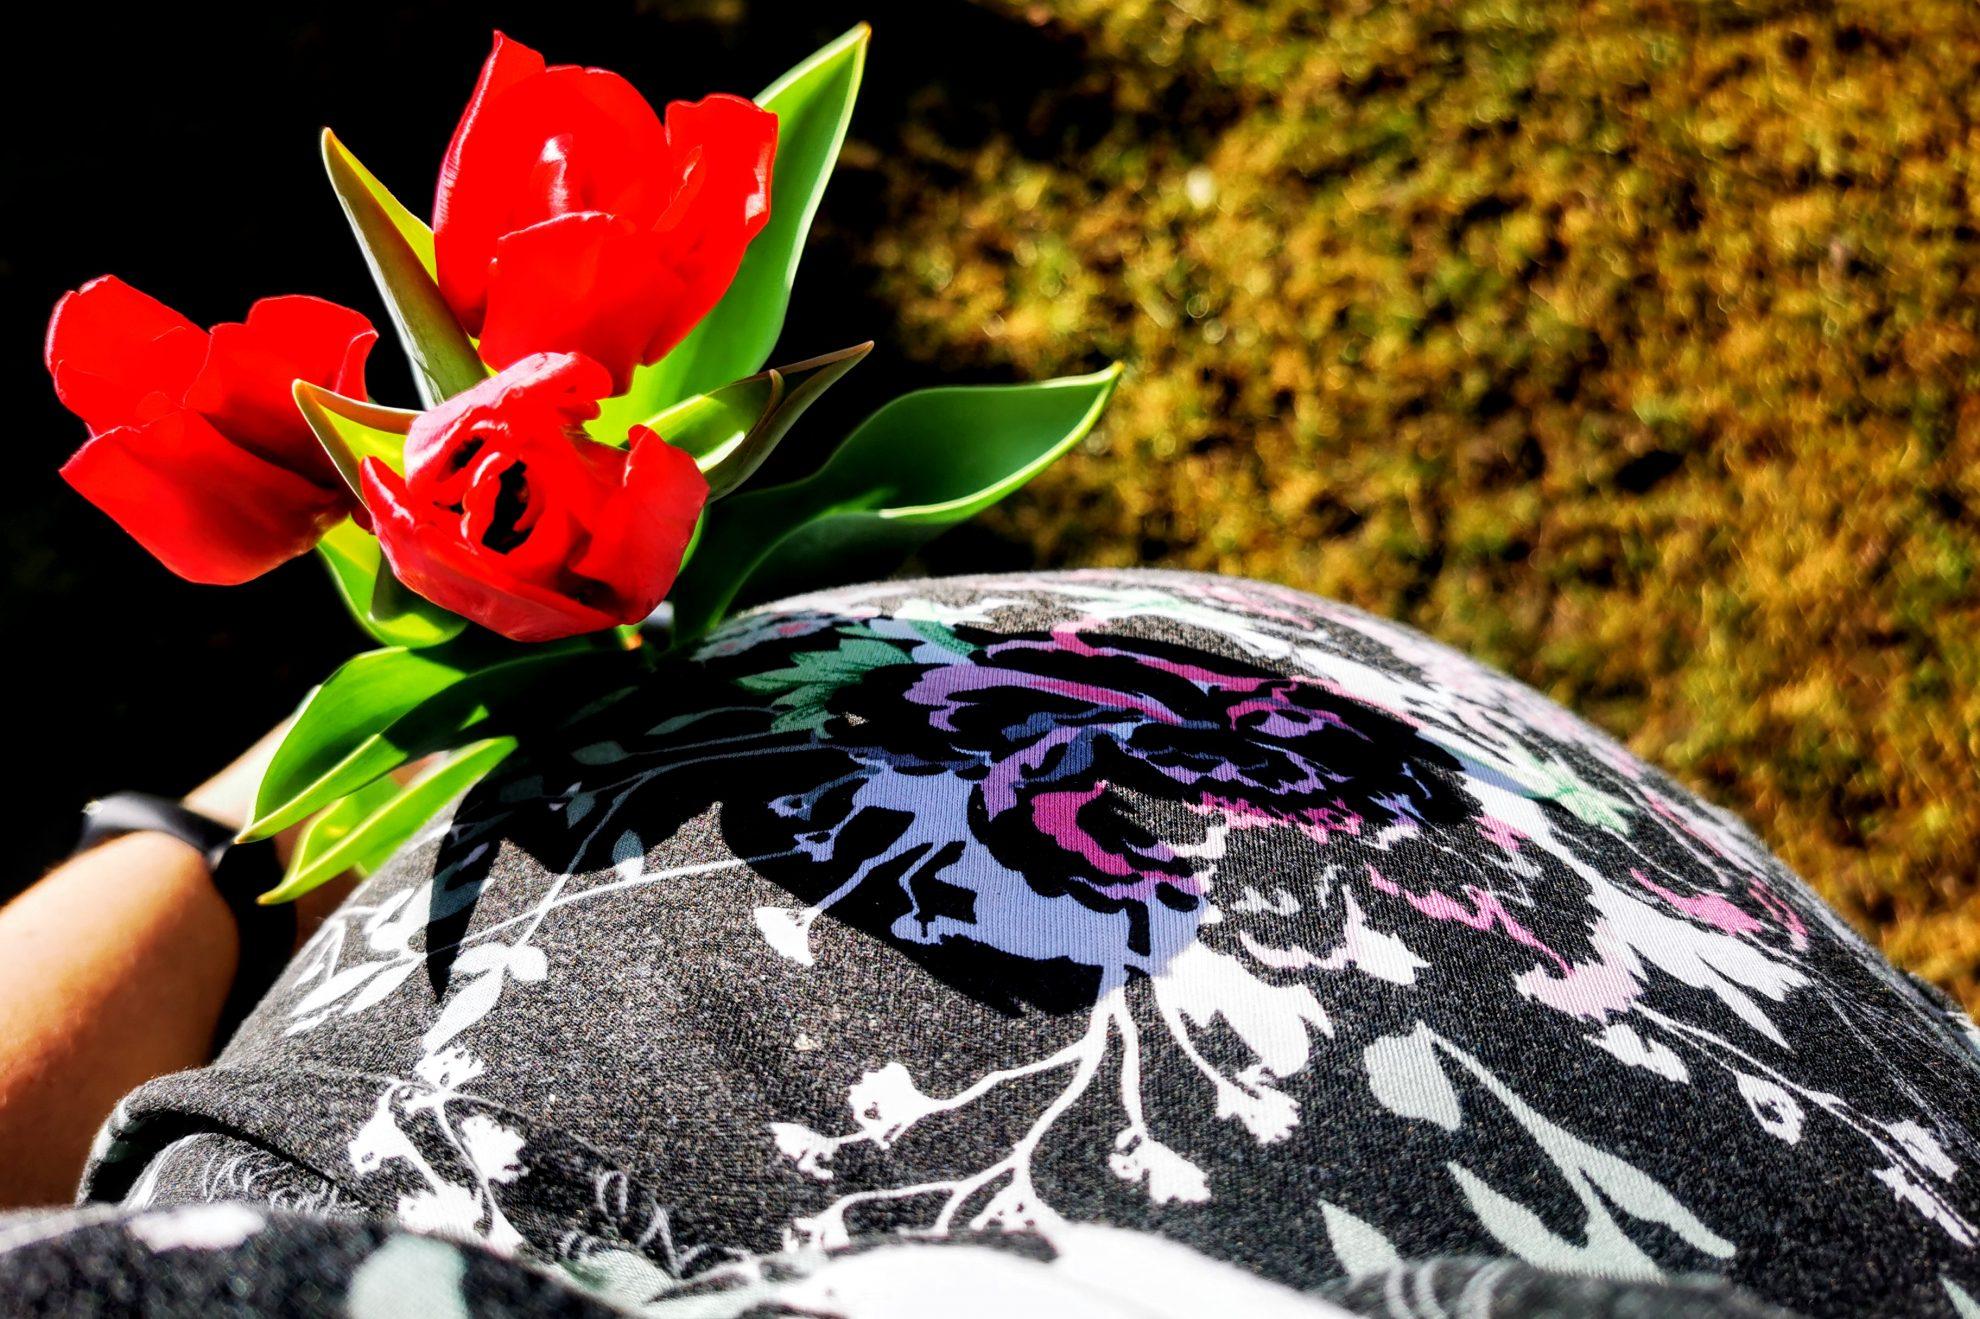 19 Wochen schwanger - die 20. Schwangerschaftswoche mit dem 6. Kind. Babybauch mit Tulpen in der Hand